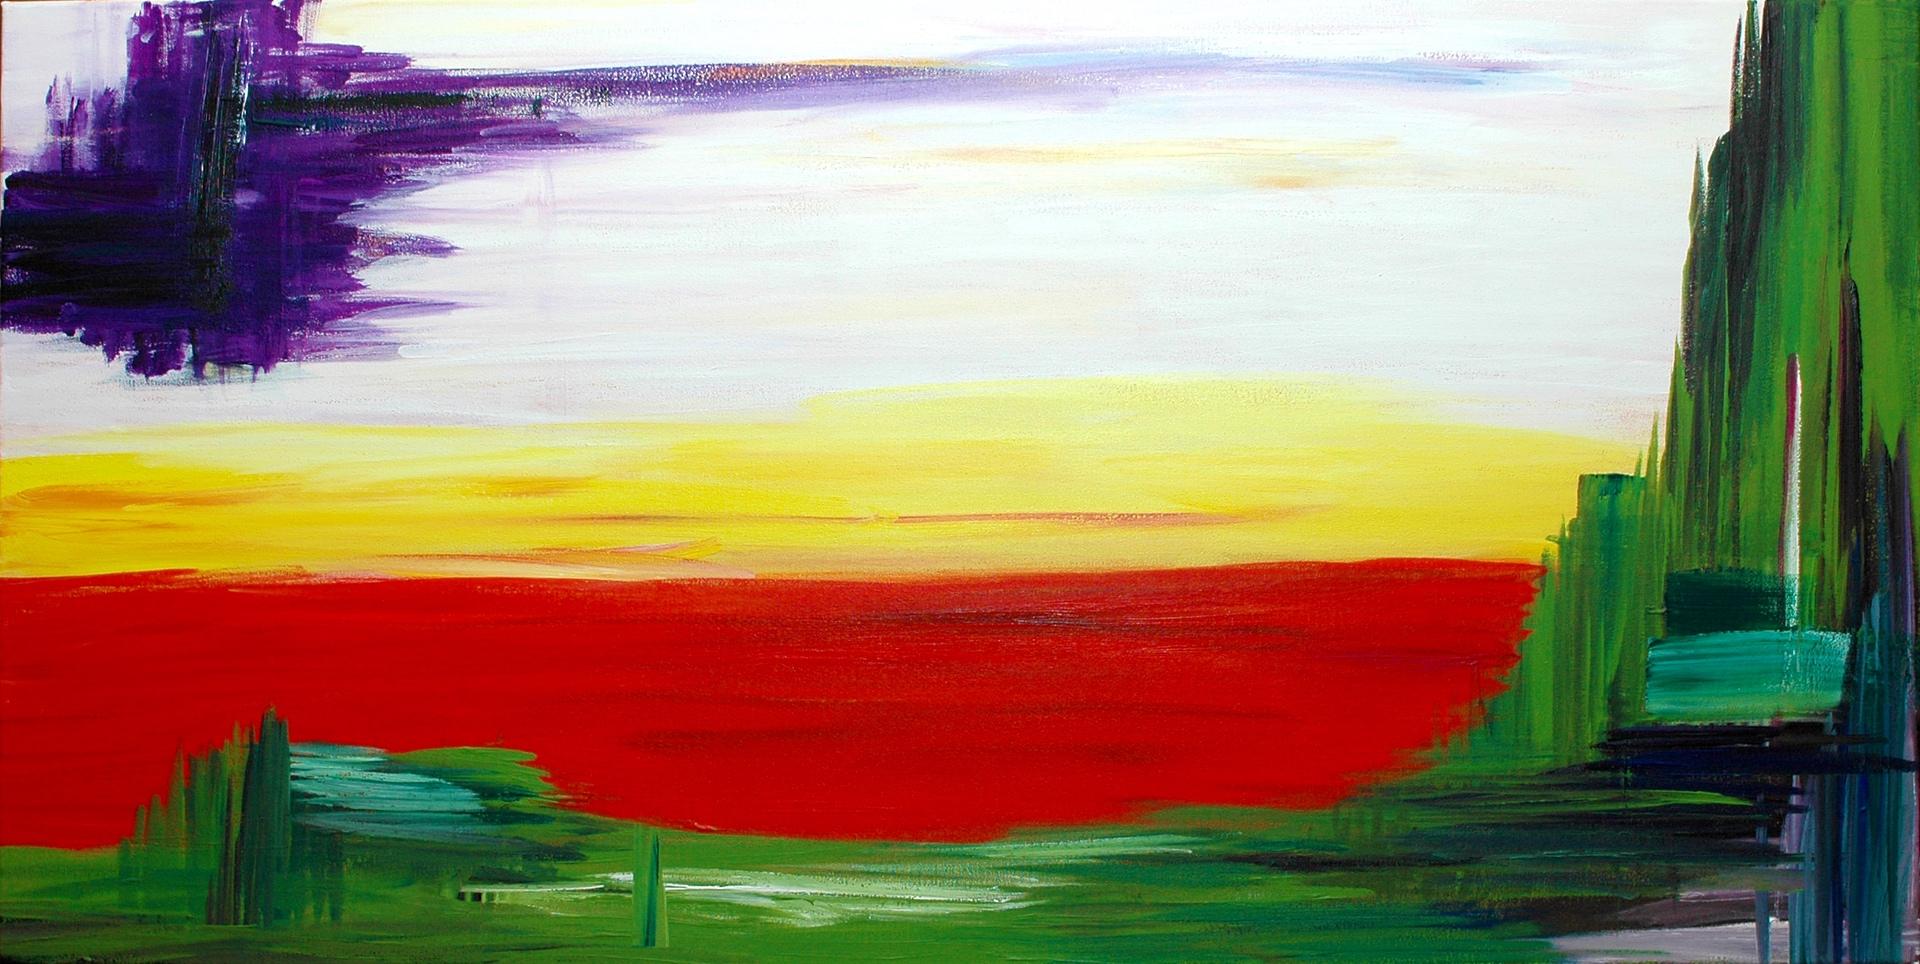 Skyfall (2007) by Pako Campo